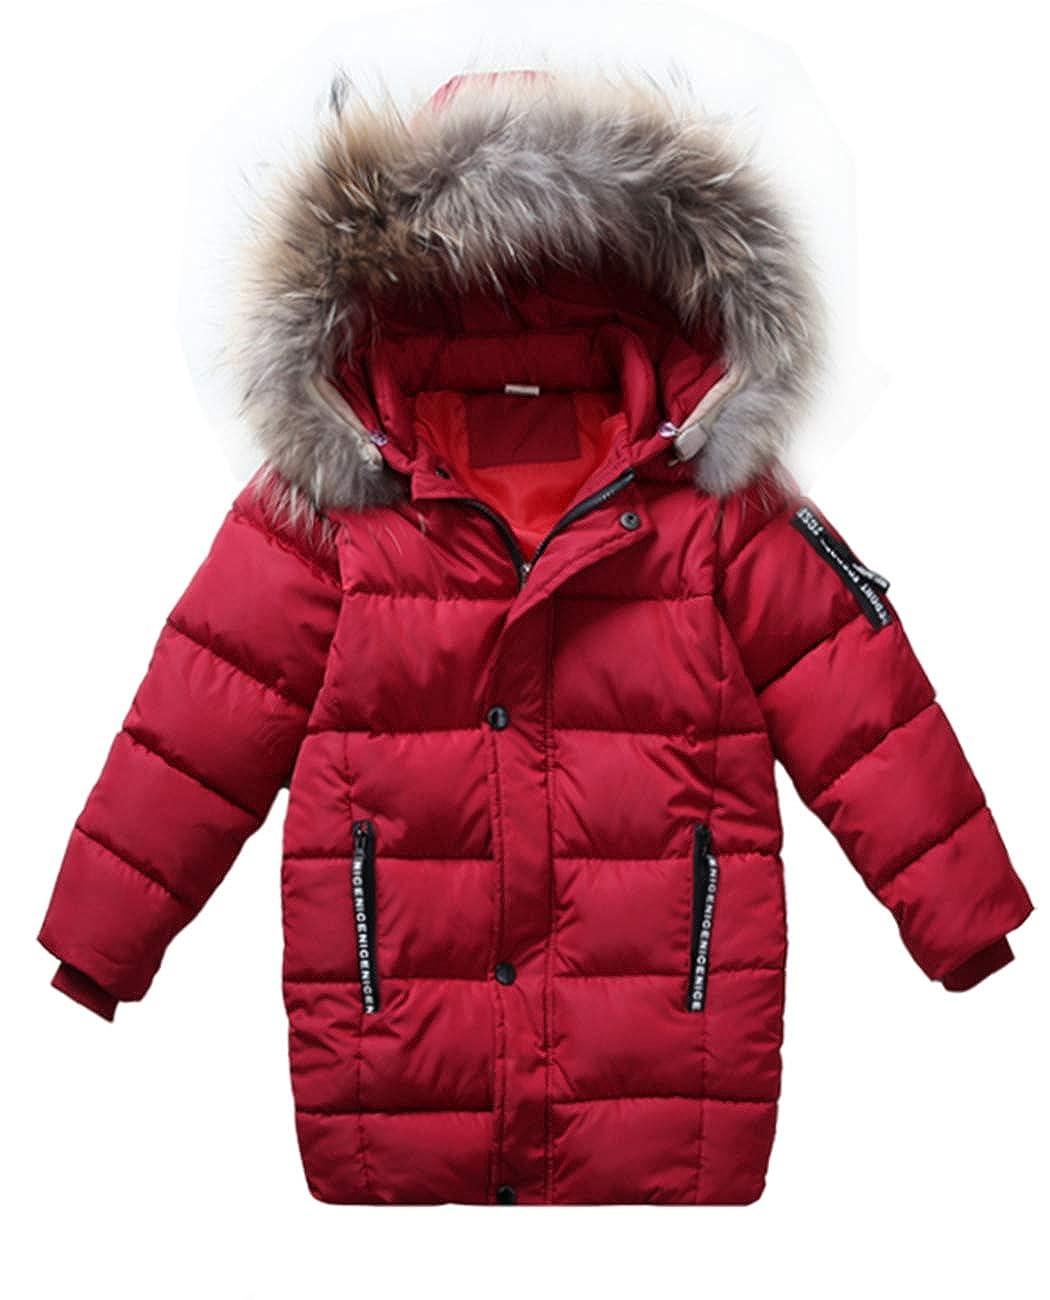 iDrawl Kids Boys Winter Padded Jacket Faux Fur Hood, Full Zip Casual Parka Coat Warm Outwear Age 3 to 13